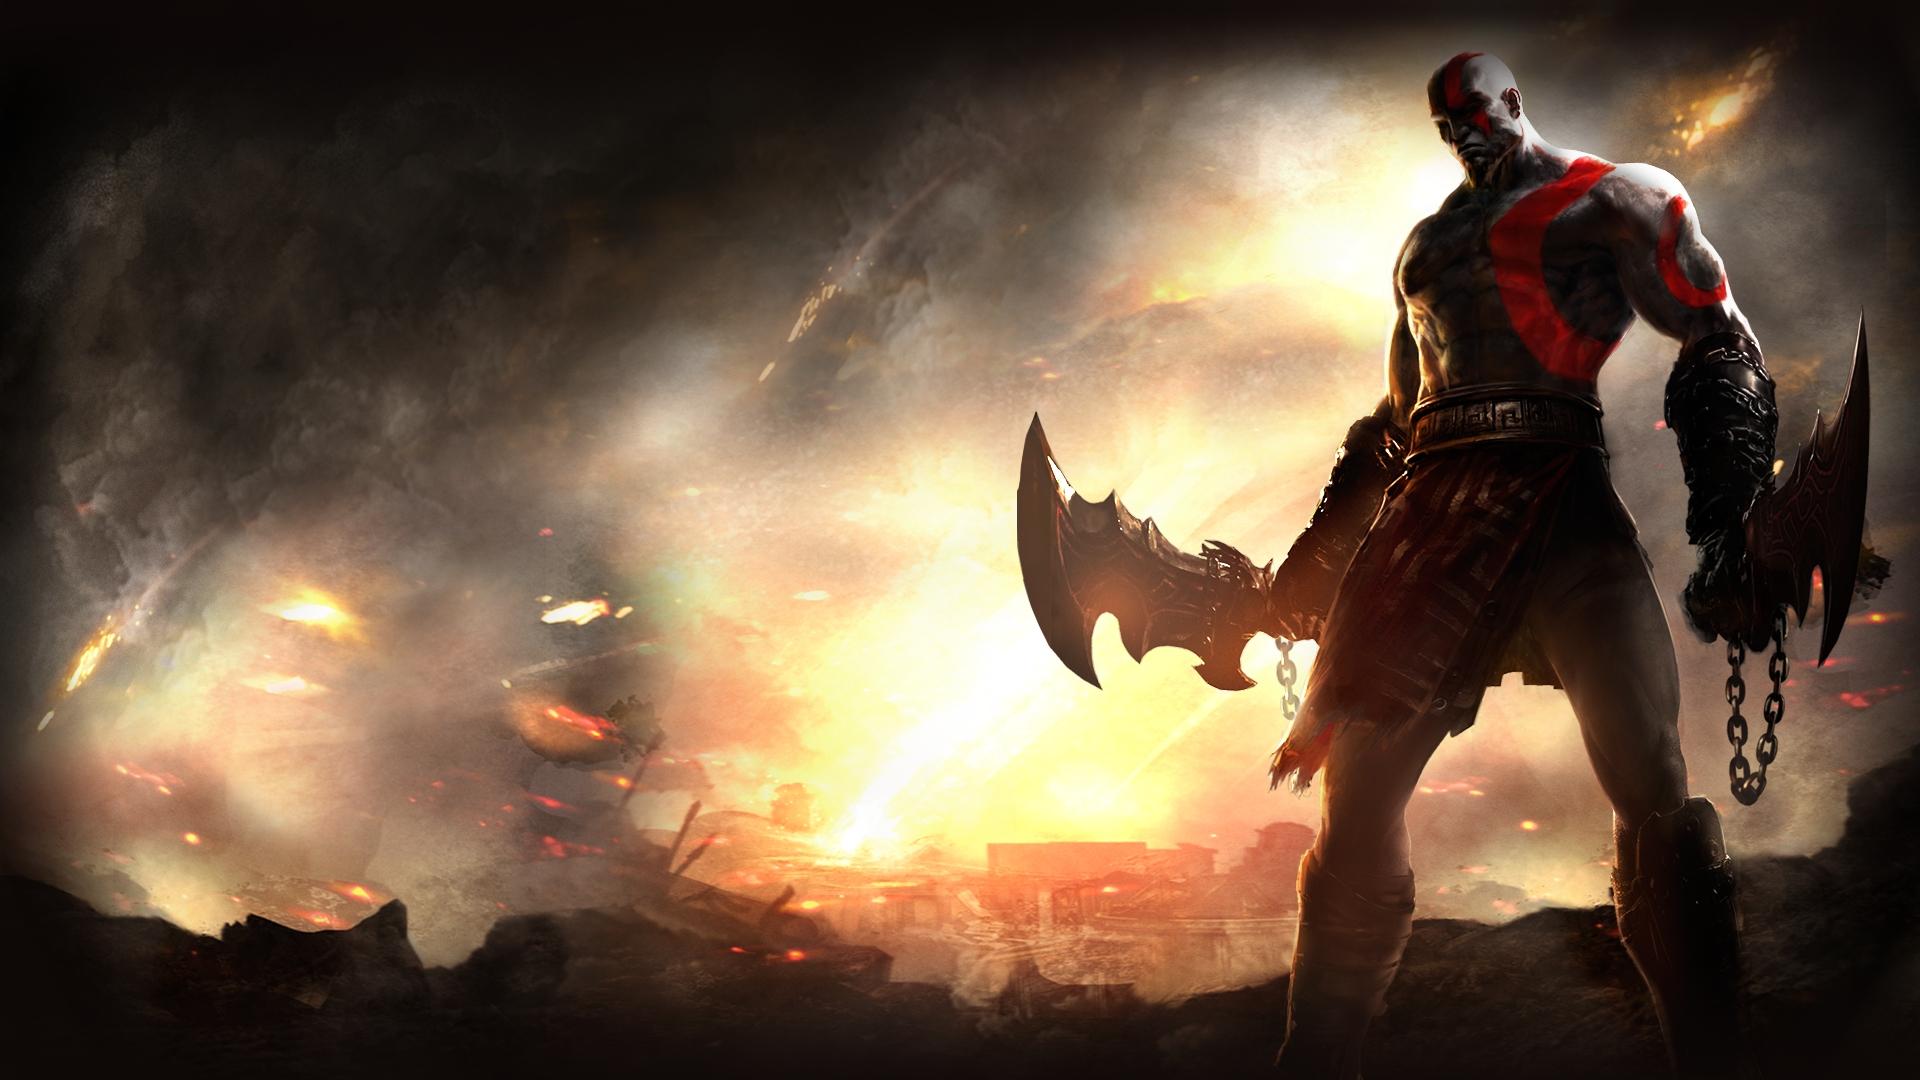 god of war full hd fond d'écran and arrière-plan | 1920x1080 | id:413551